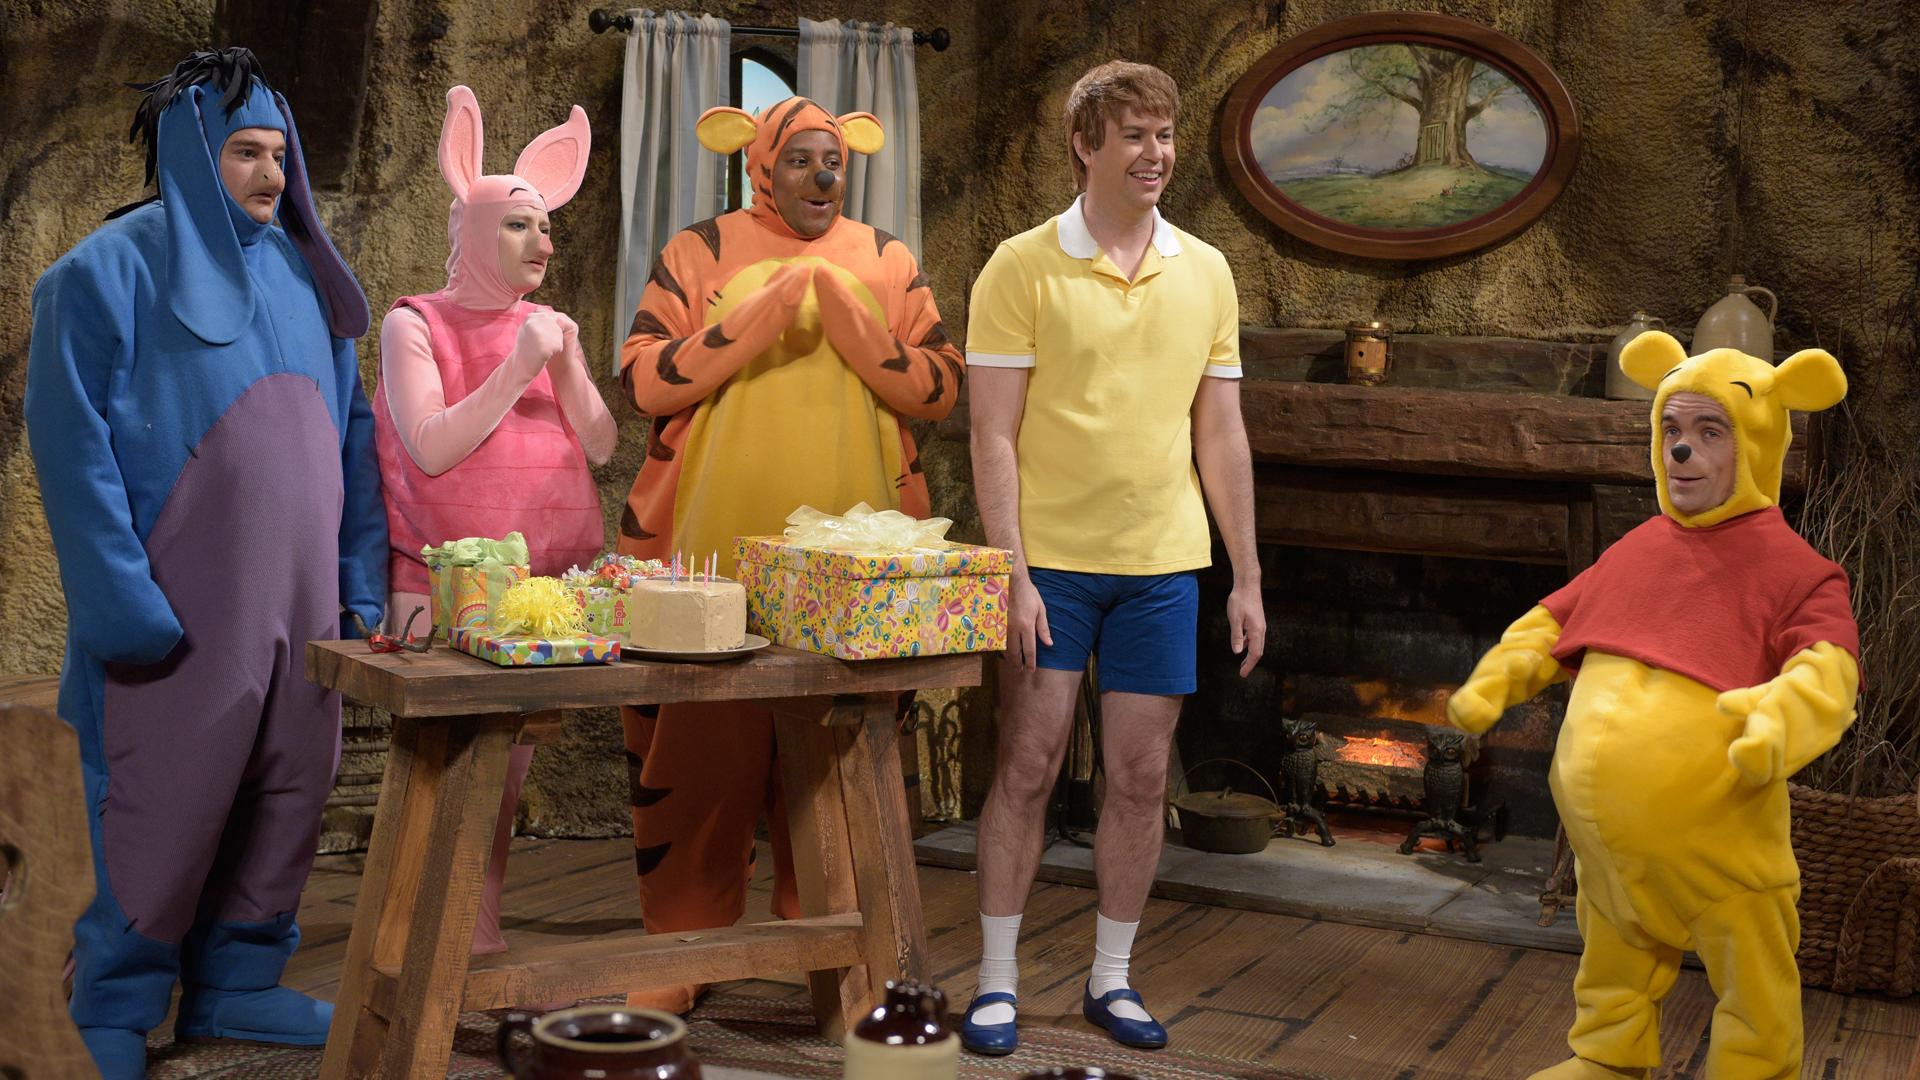 160403_3012827_Winnie_the_Pooh_anvver_1.jpg & Winnie the Pooh